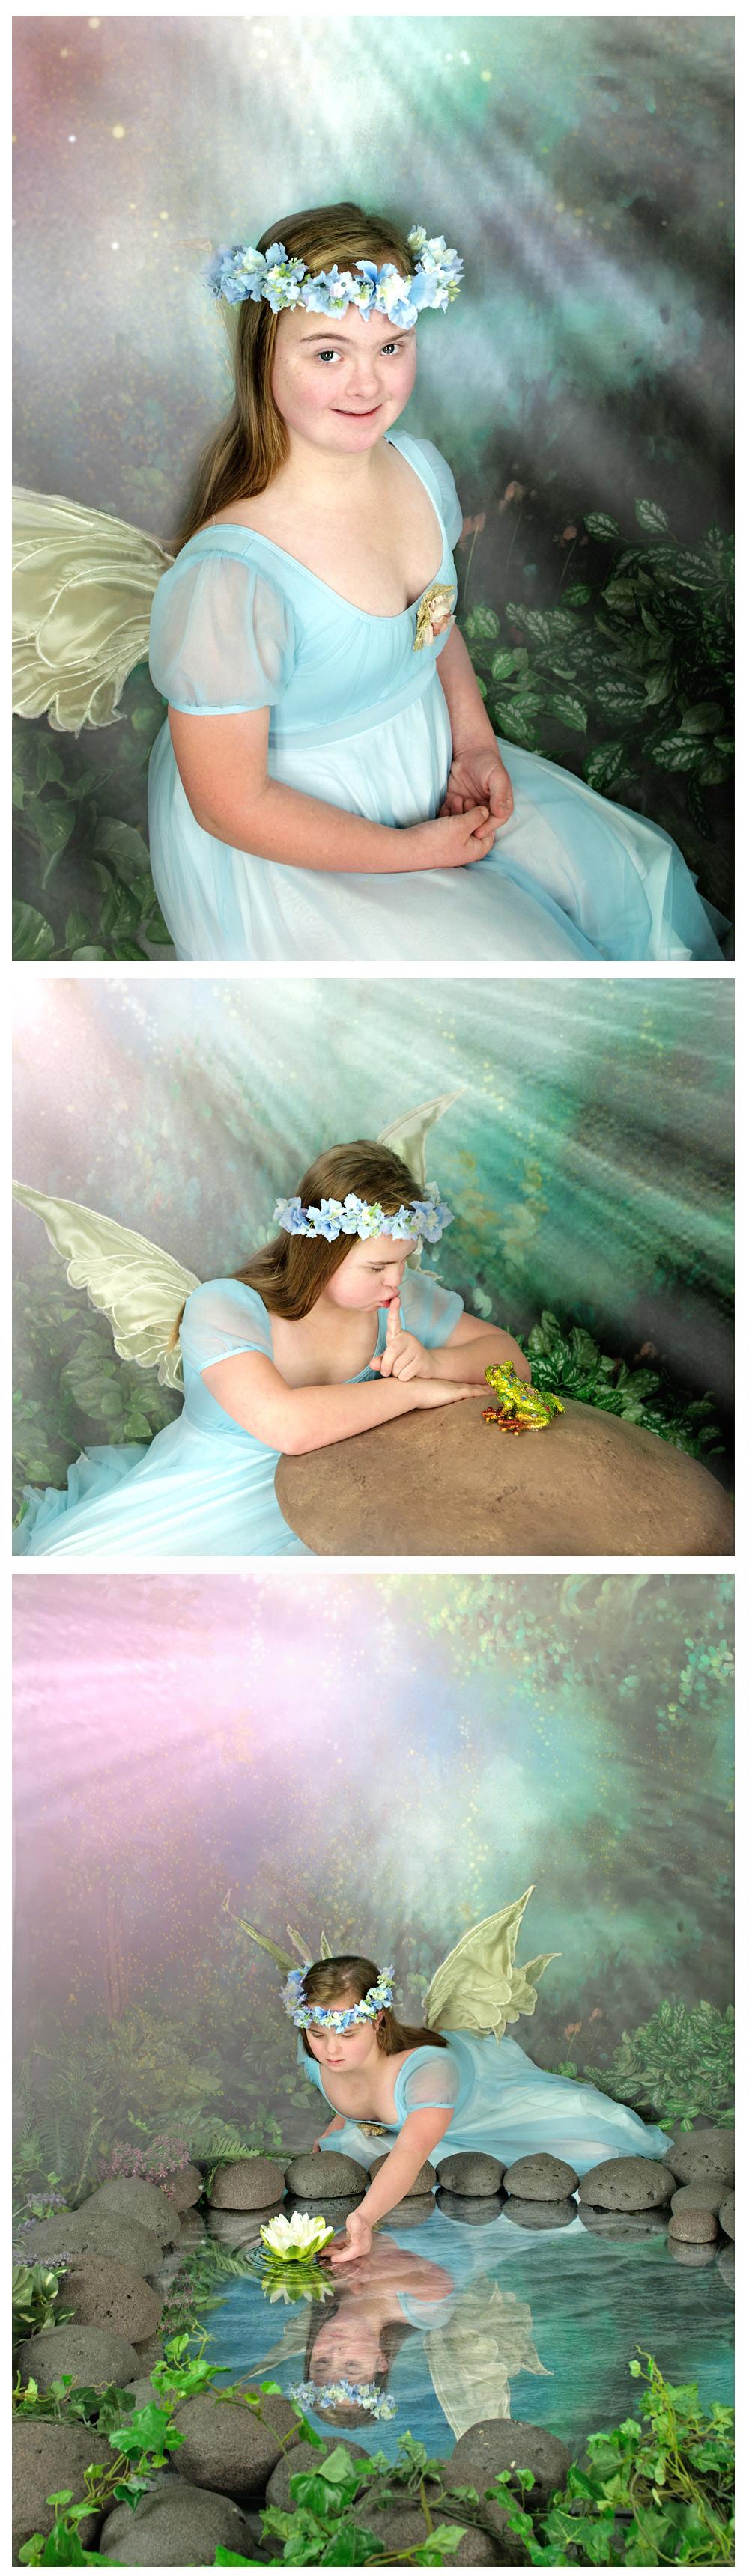 fairy-with-a-graceful-heart_01.jpg